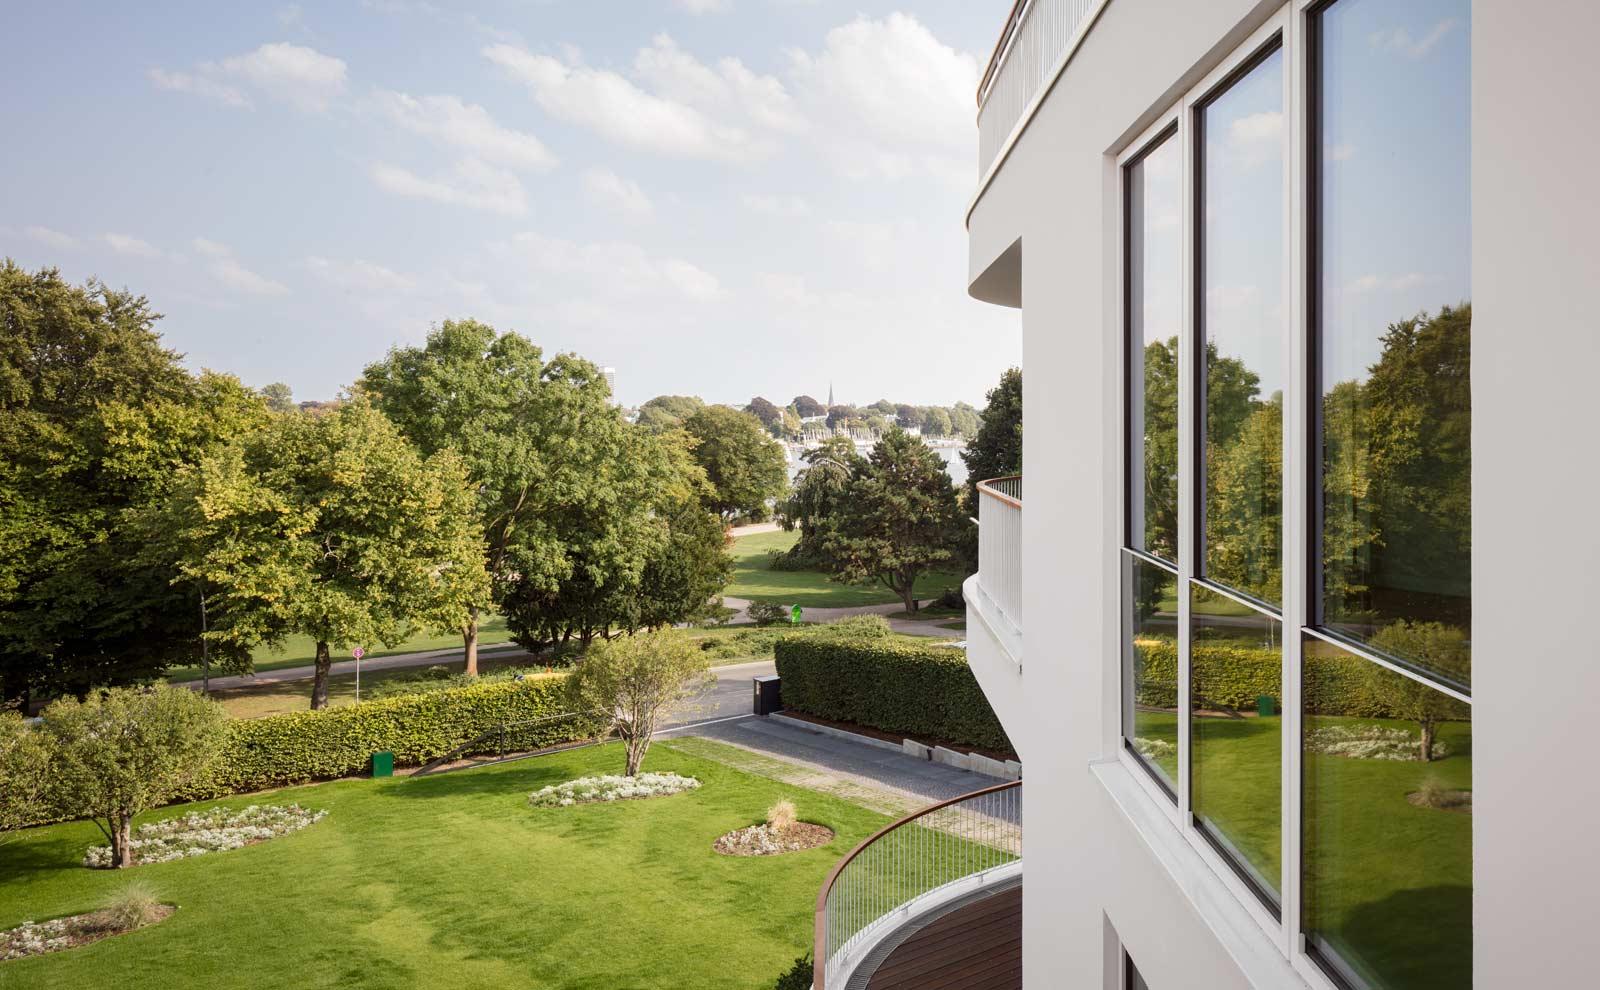 Blick in den Garten der Hamburger VIlla von BAID Architektur